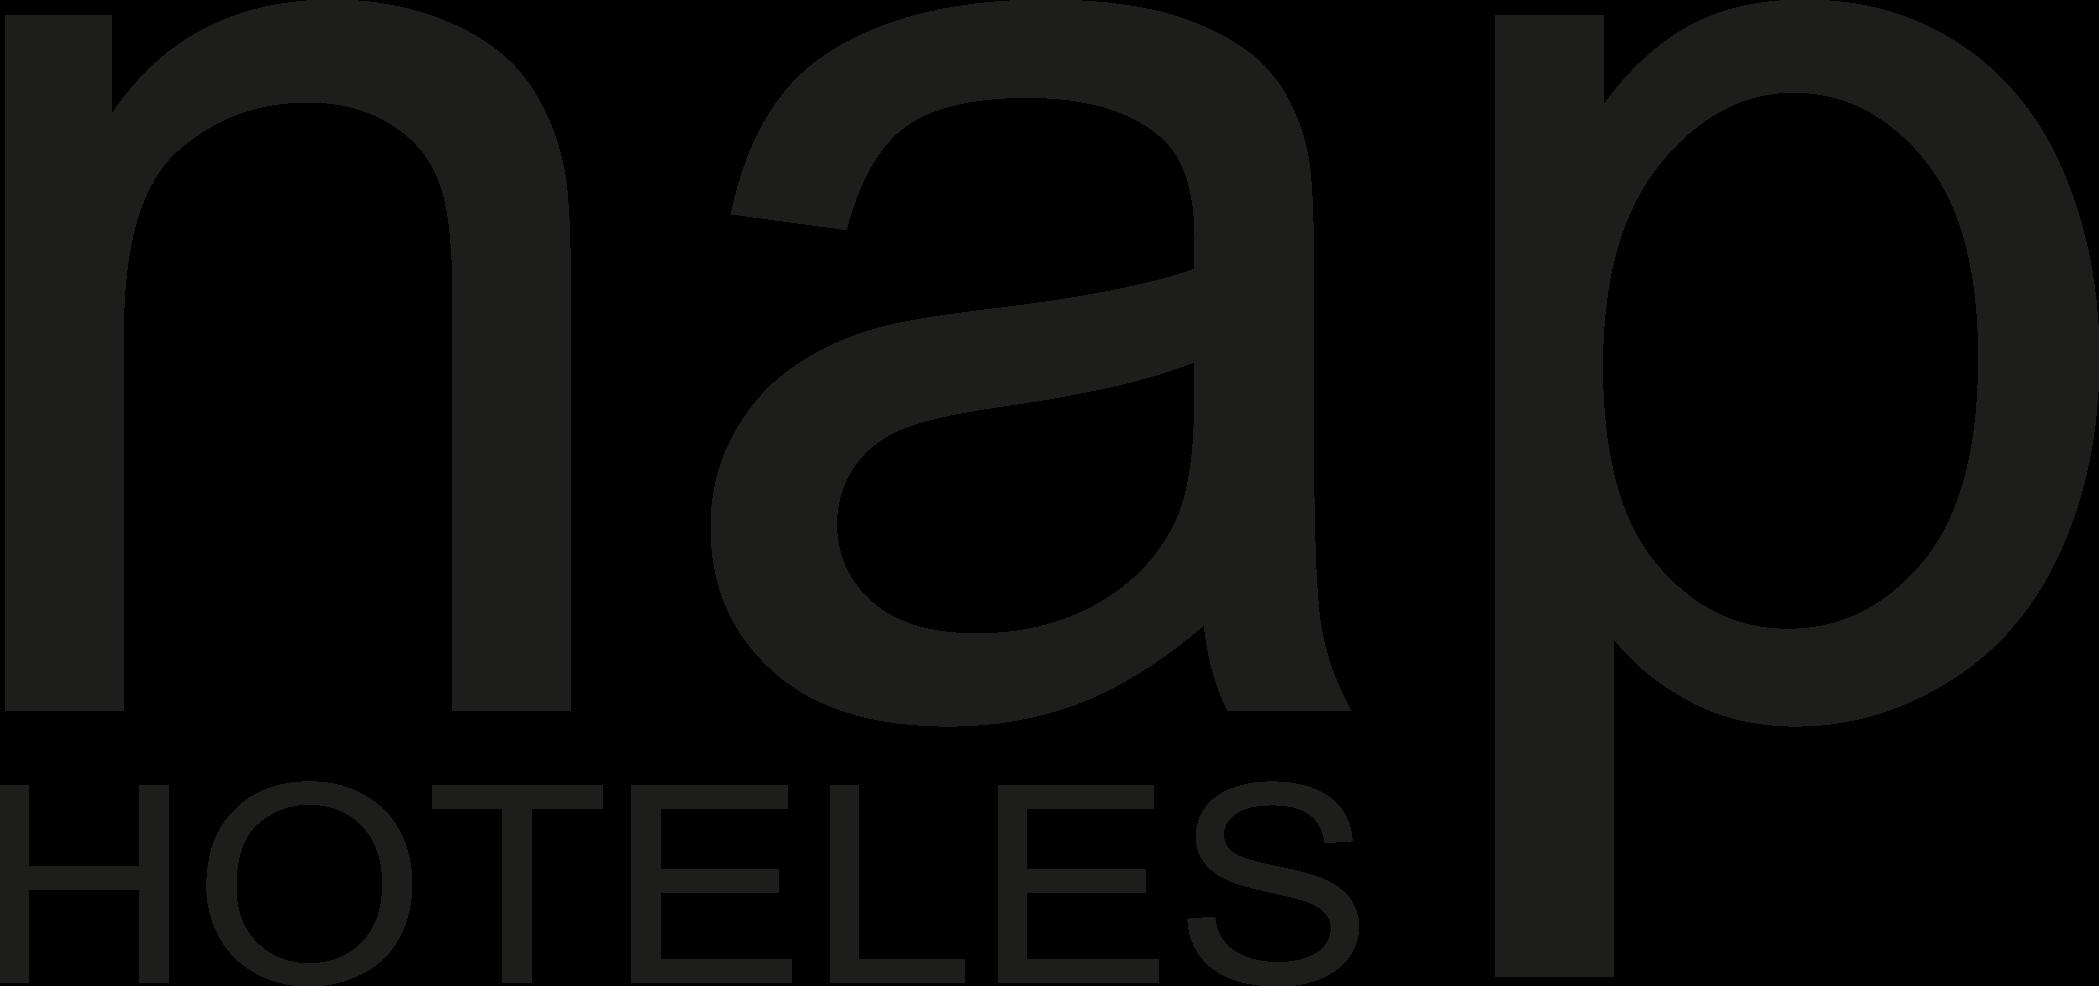 Nap Hoteles